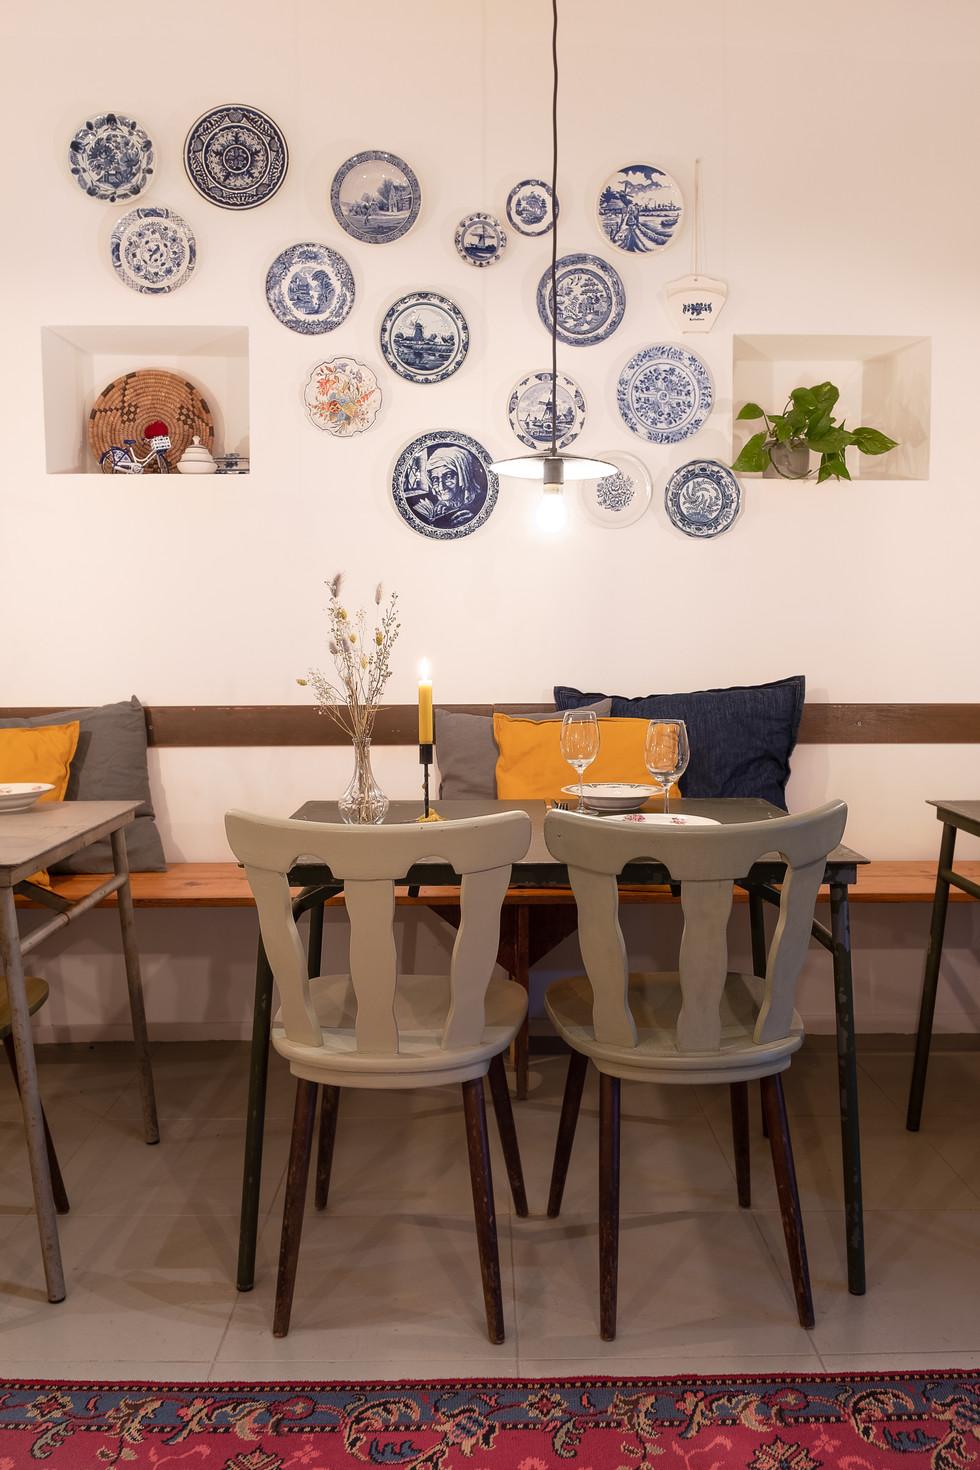 Restaurant - table setting.jpg